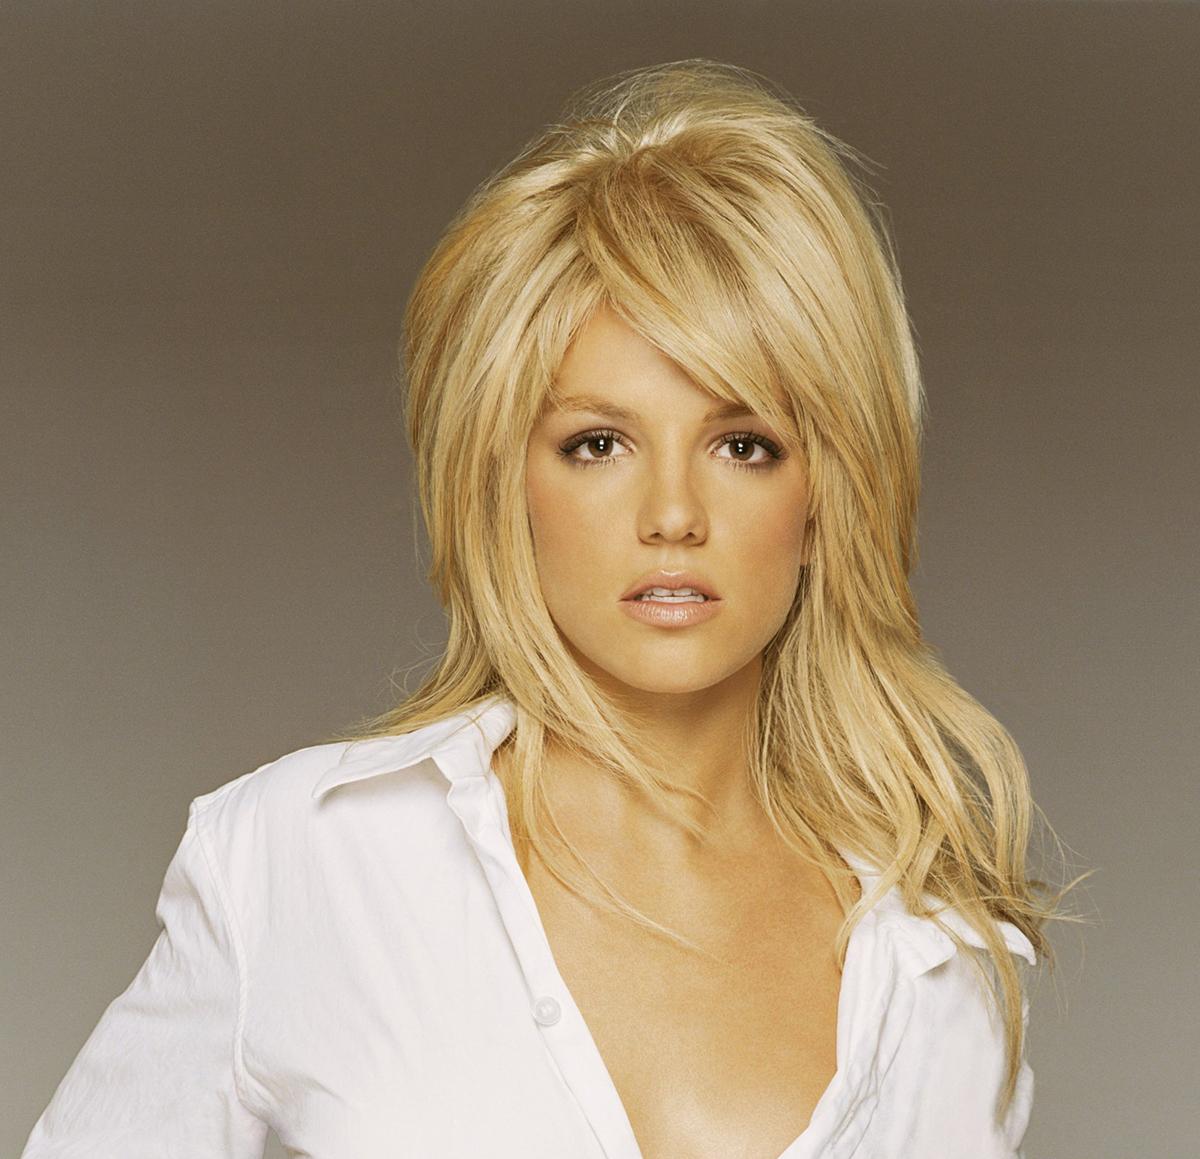 Оттенки блонда: 100 фото - Как подобрать к характеру блондинки